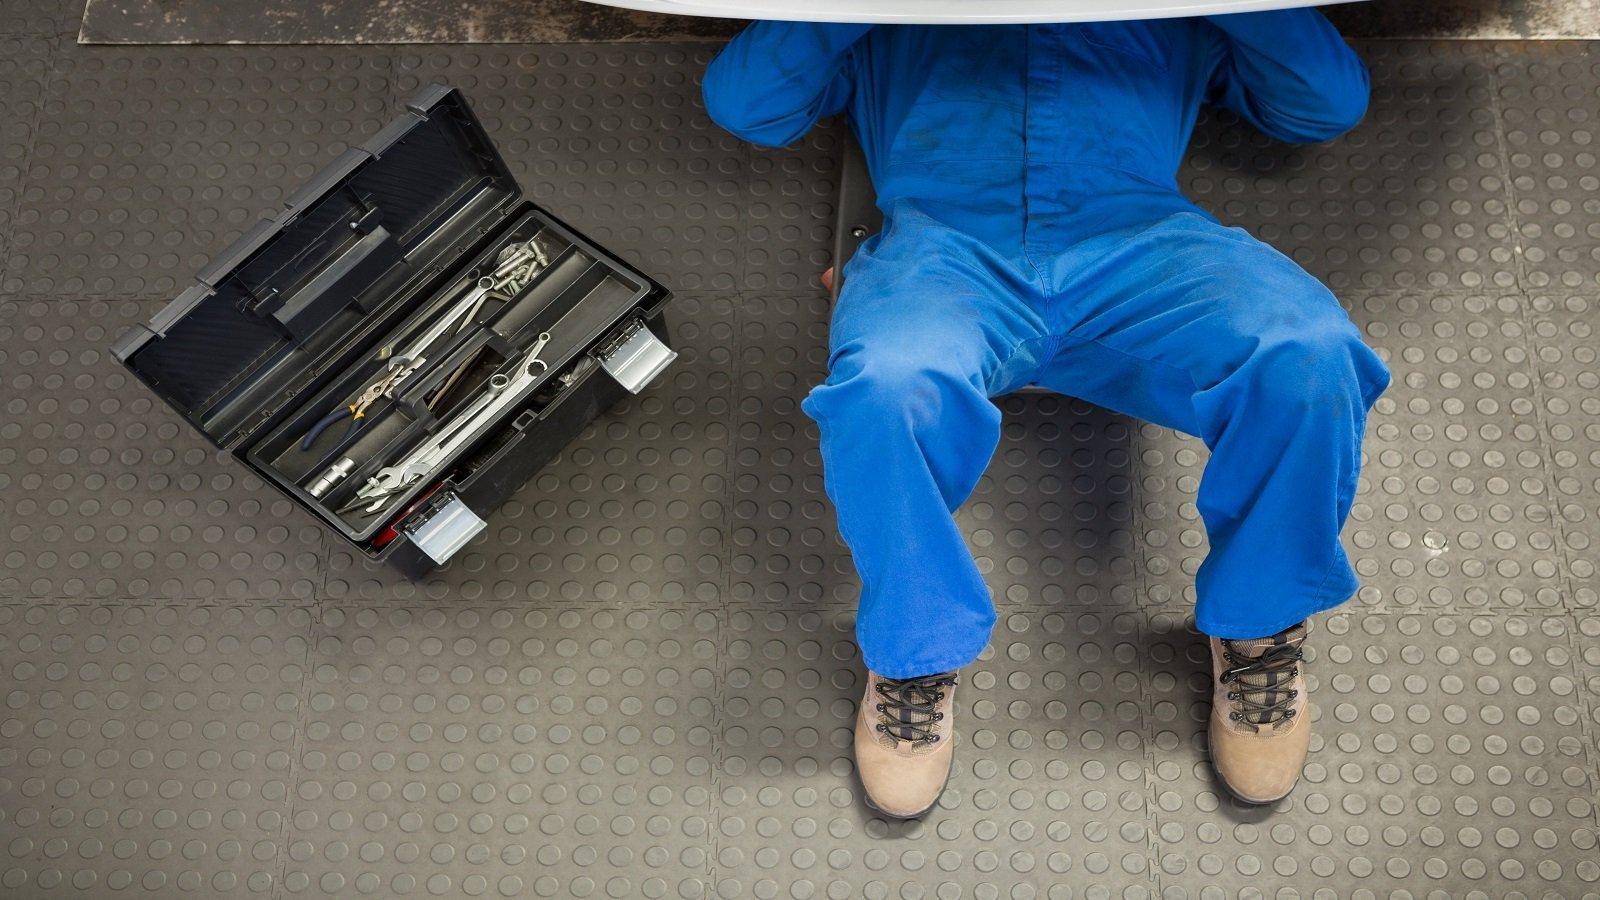 Meccanico lavorando sotto l'automobile, cassetta degli attrezzi al suo fianco